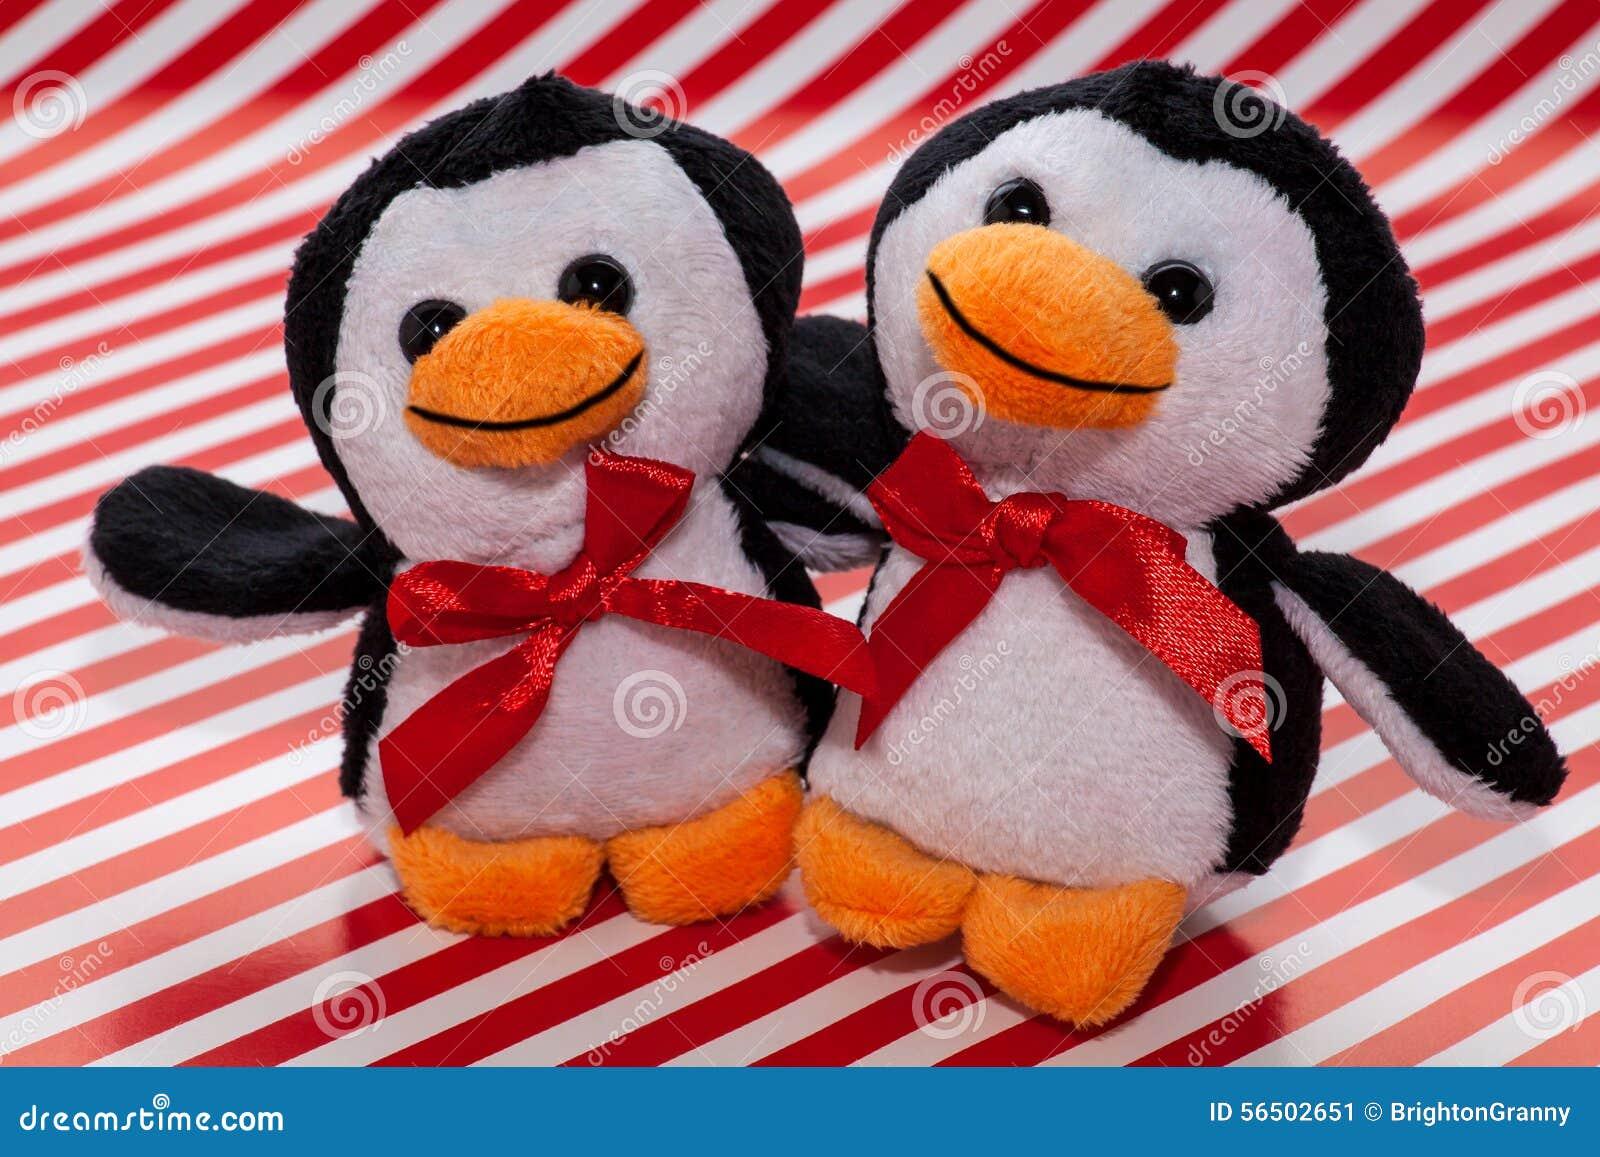 Penguin plush toys